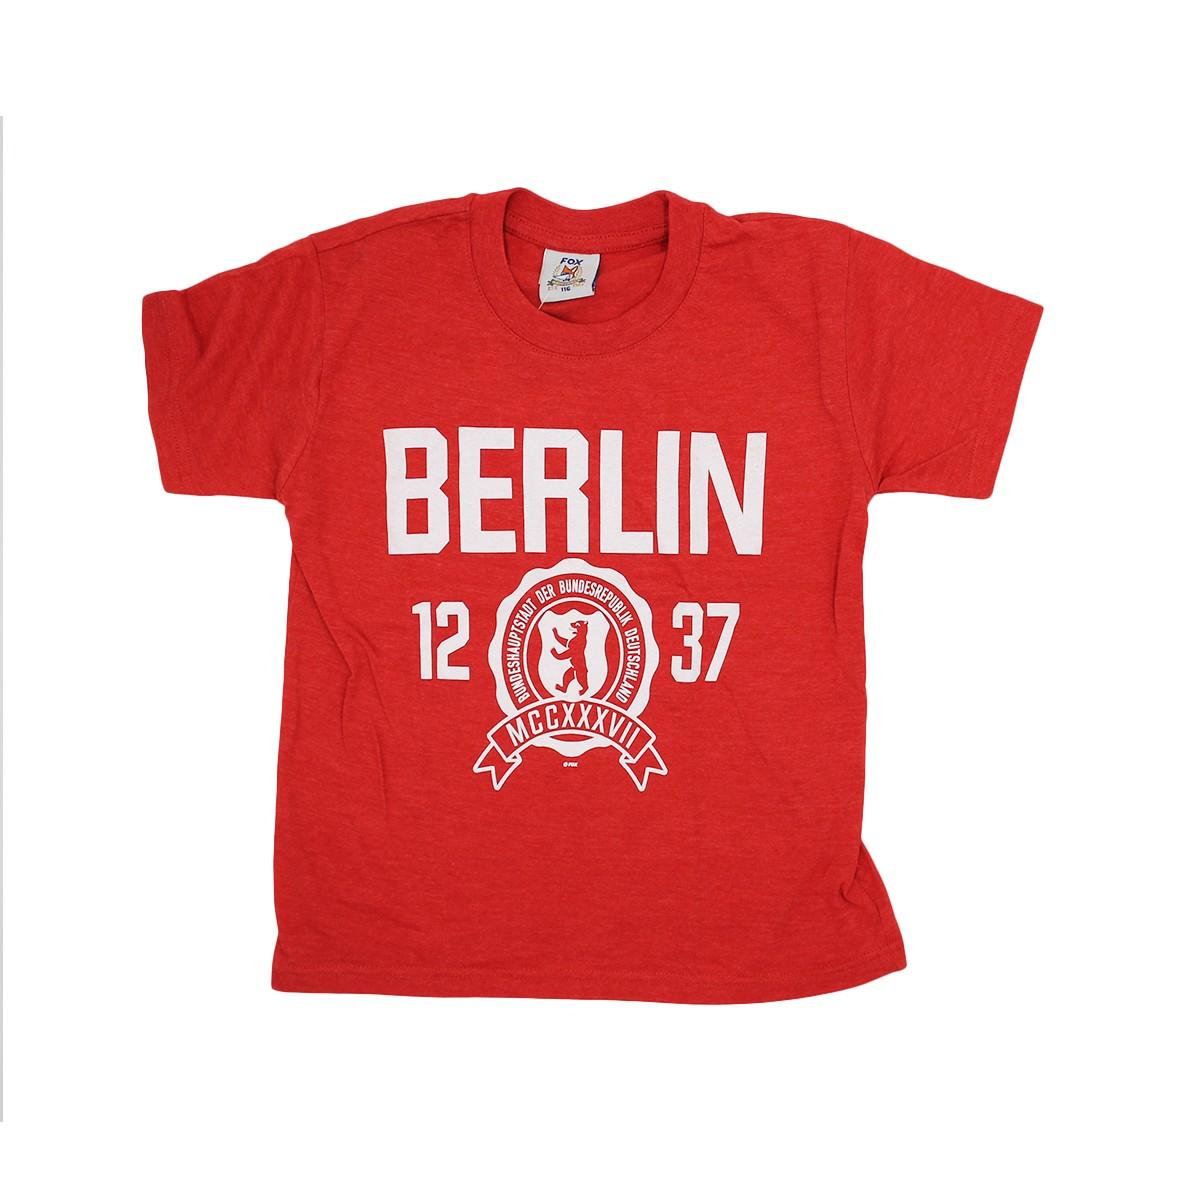 K Shirt Berlin MCC Größe 116